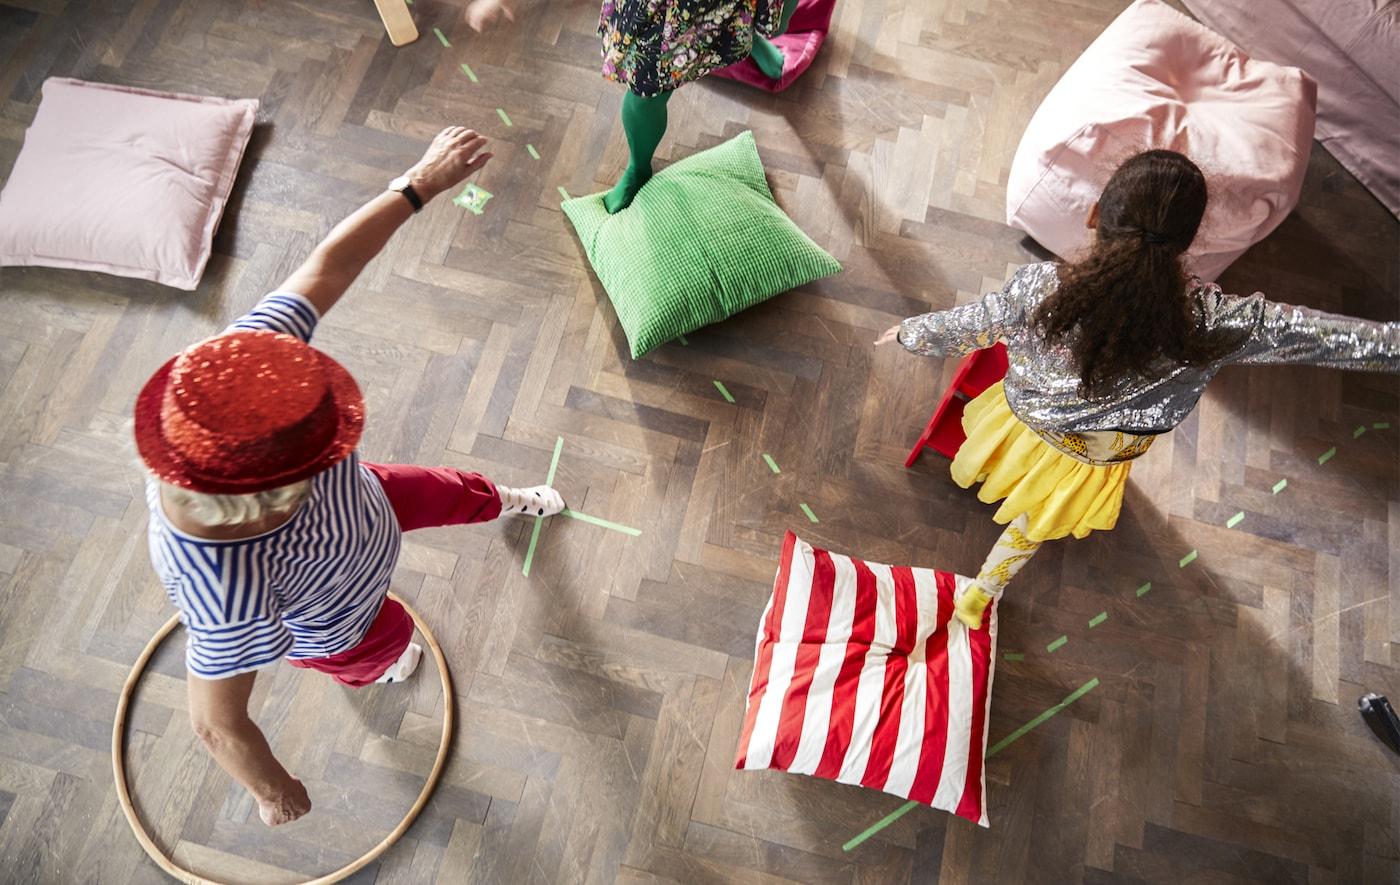 Kinder und Erwachsene spielen auf dem Fussboden ein Spiel mit Kissen.